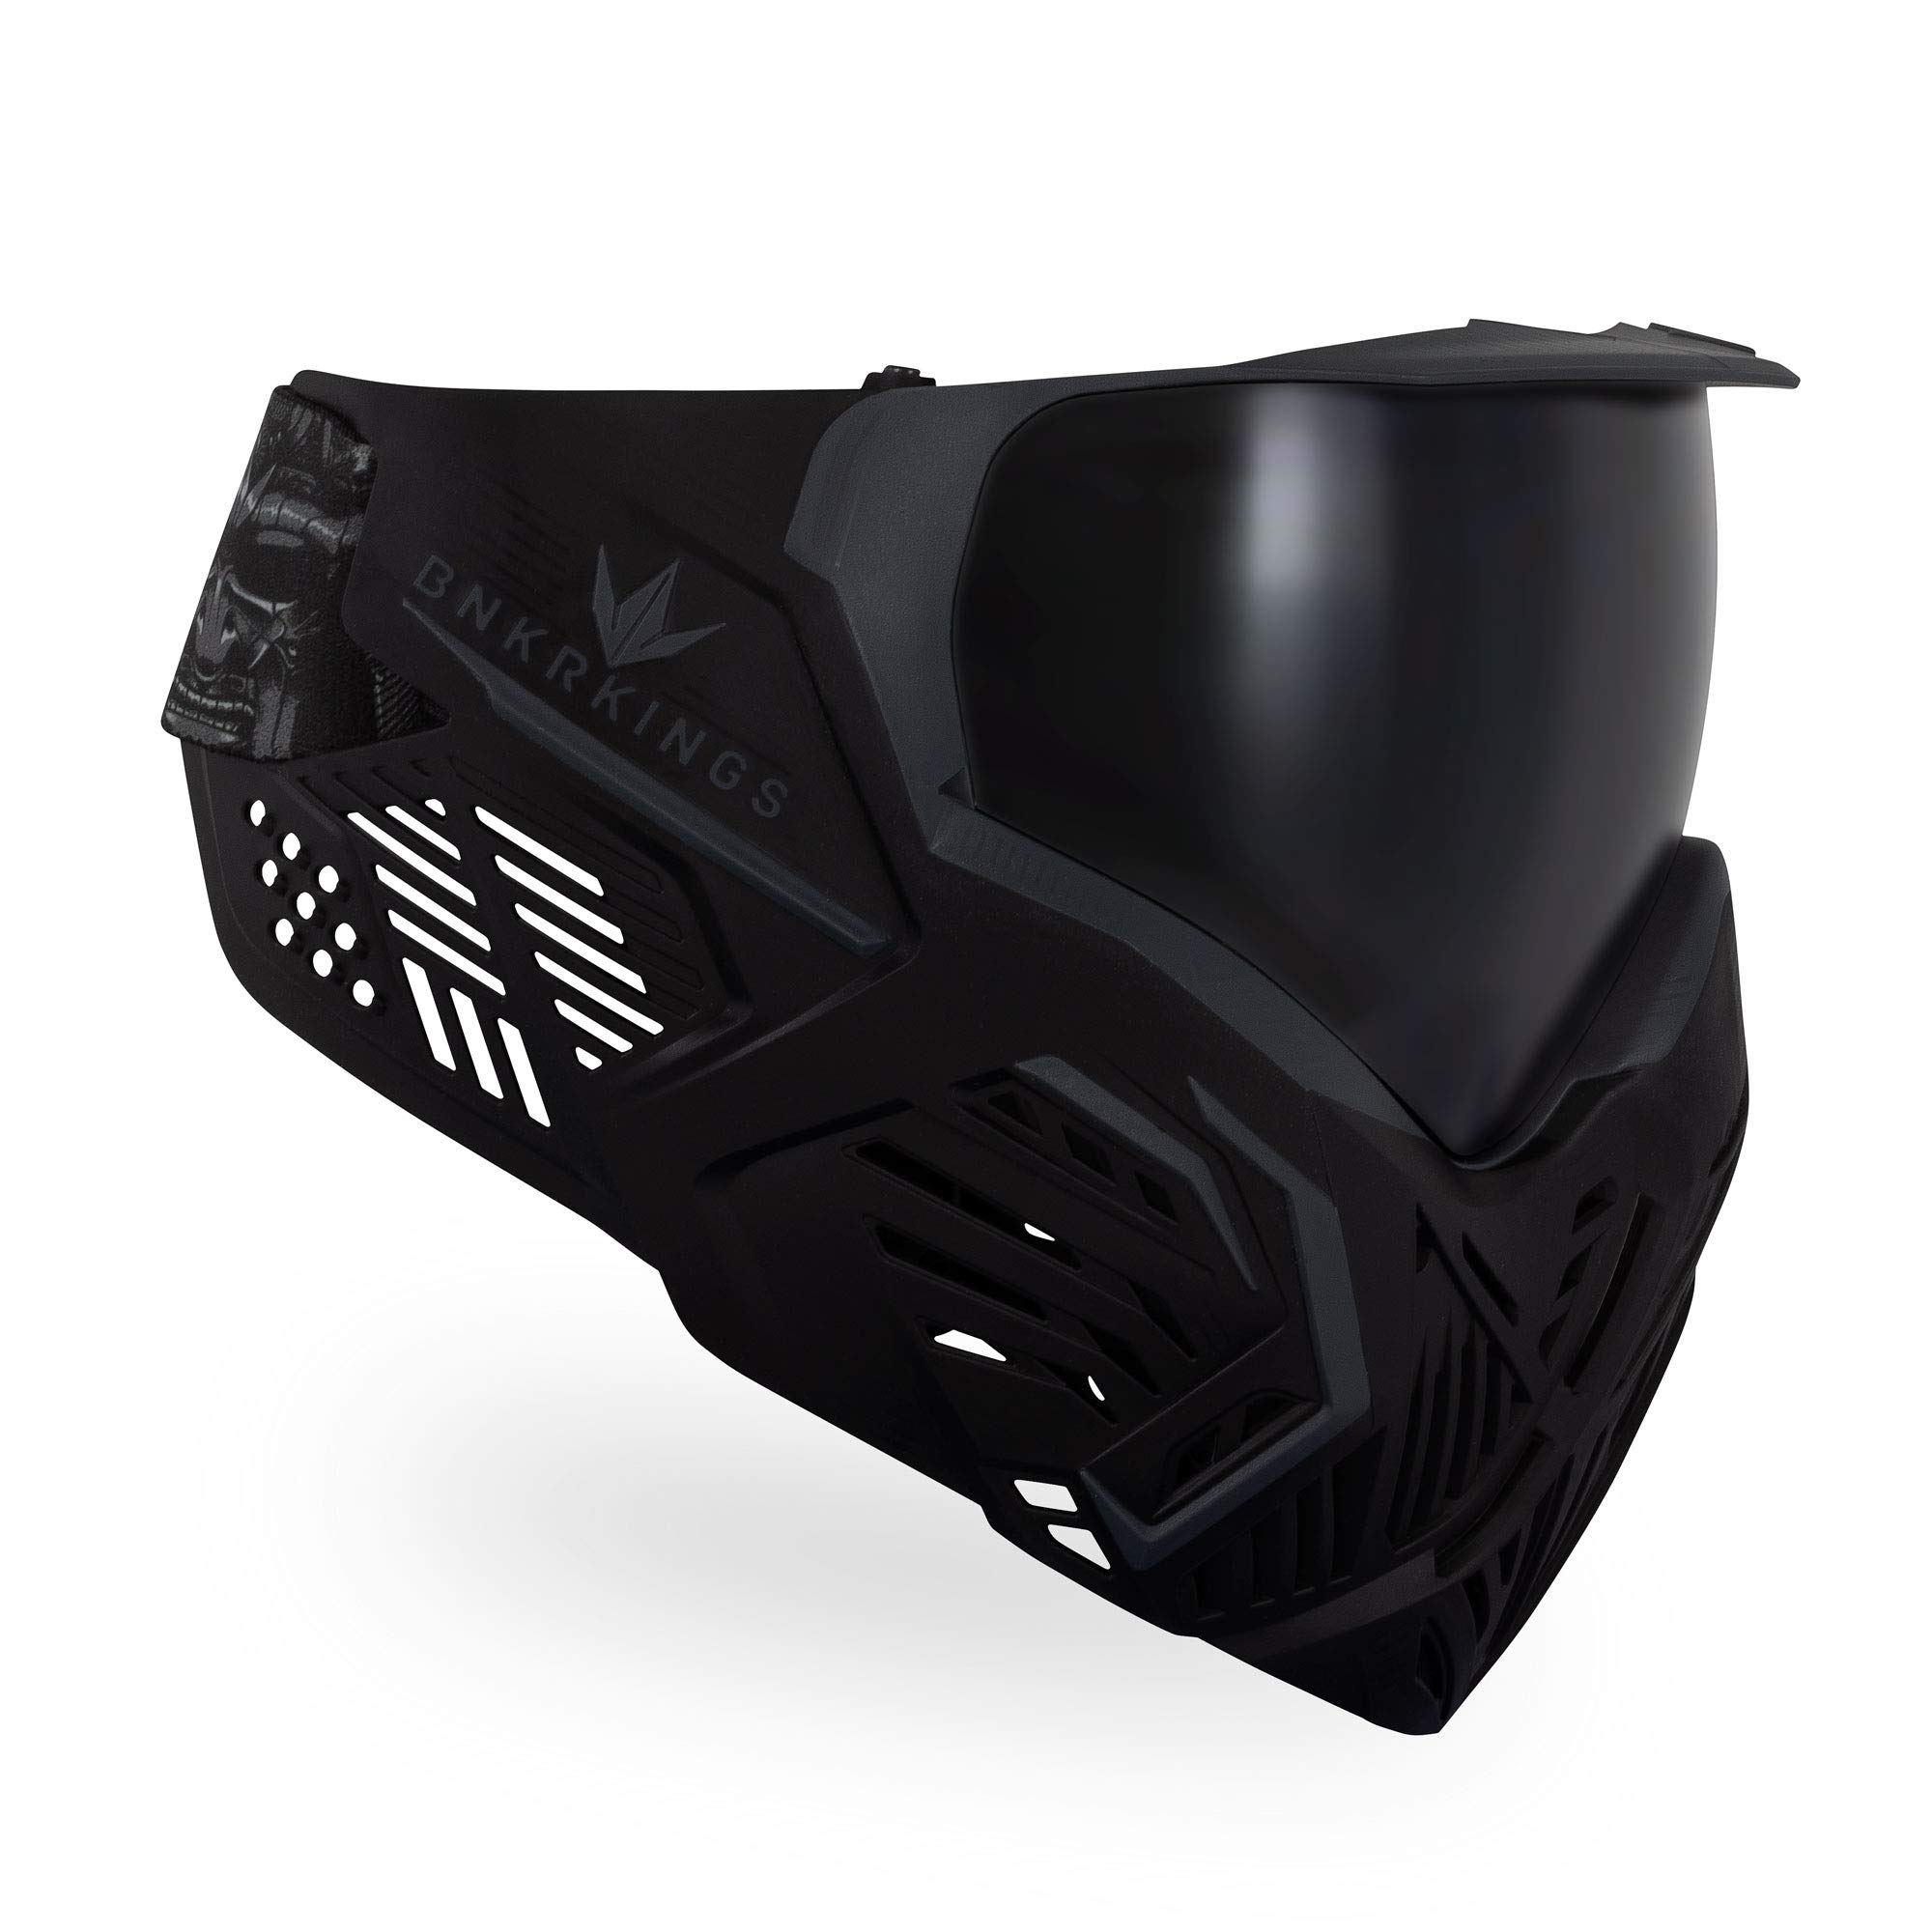 Bunker Kings CMD Paintball Goggle/Mask - Black Samurai by Bnkr Kings